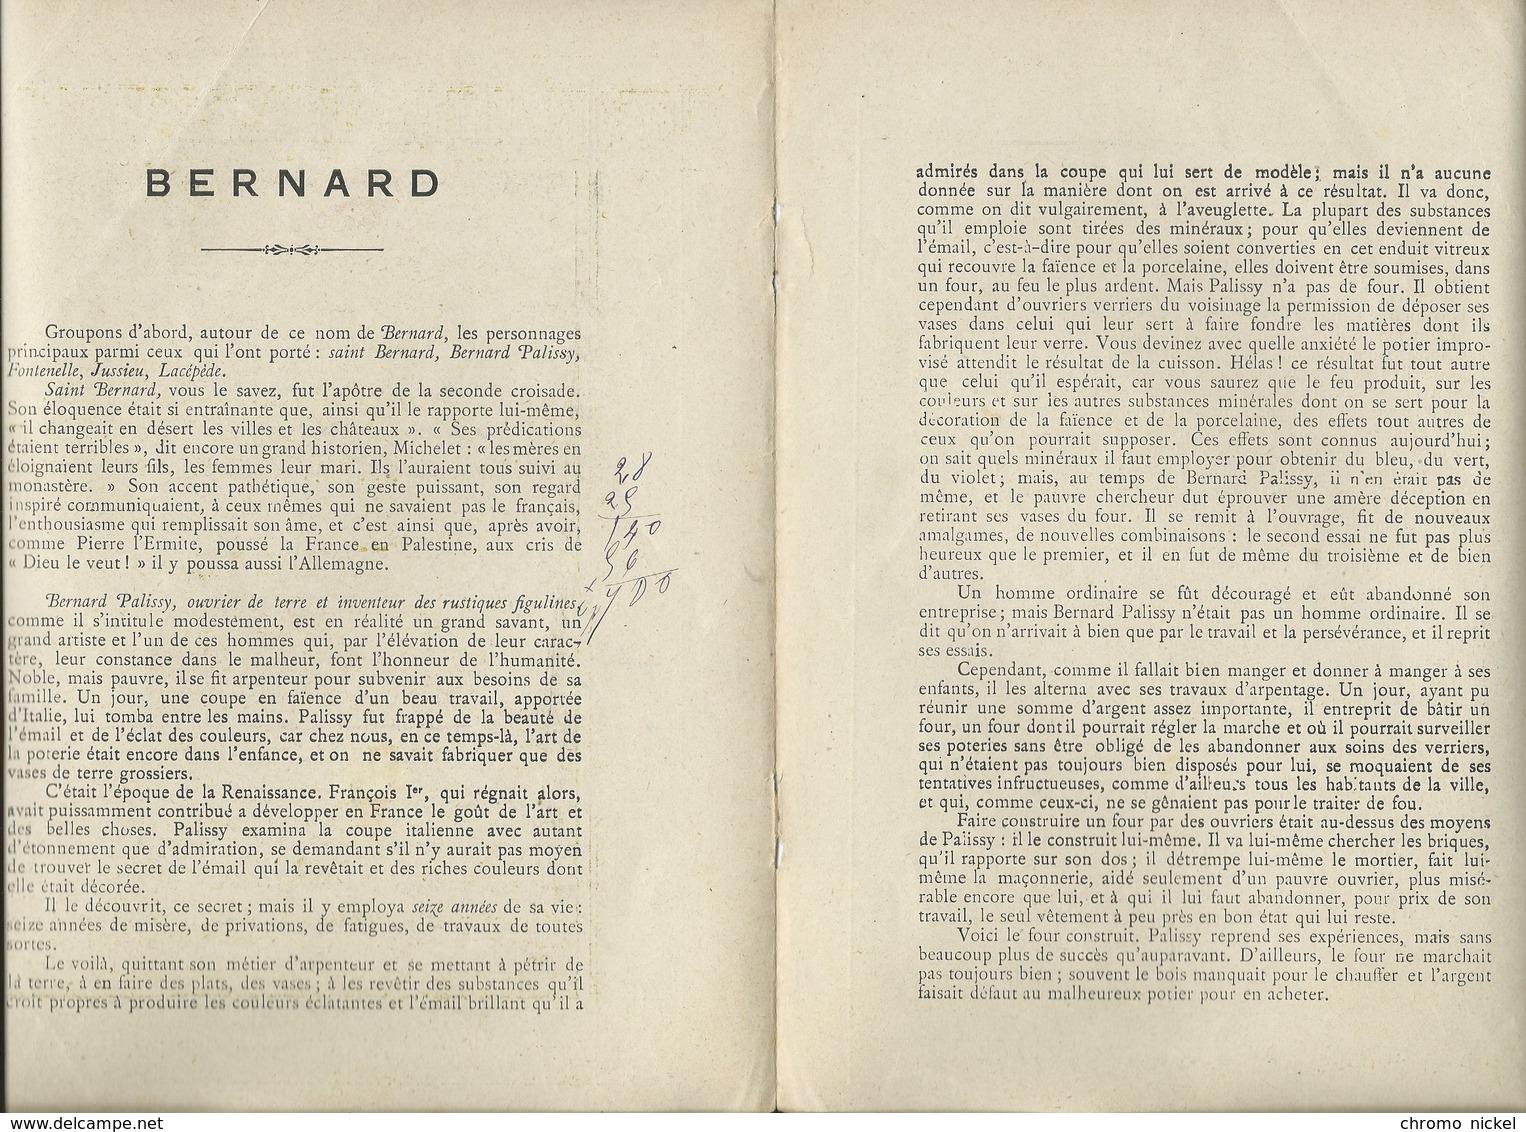 BERNARD Palissy Les Noms De Nos Fils Bien Protège-cahier Couverture   225 X 170  3 Scans  Châtelles - Protège-cahiers